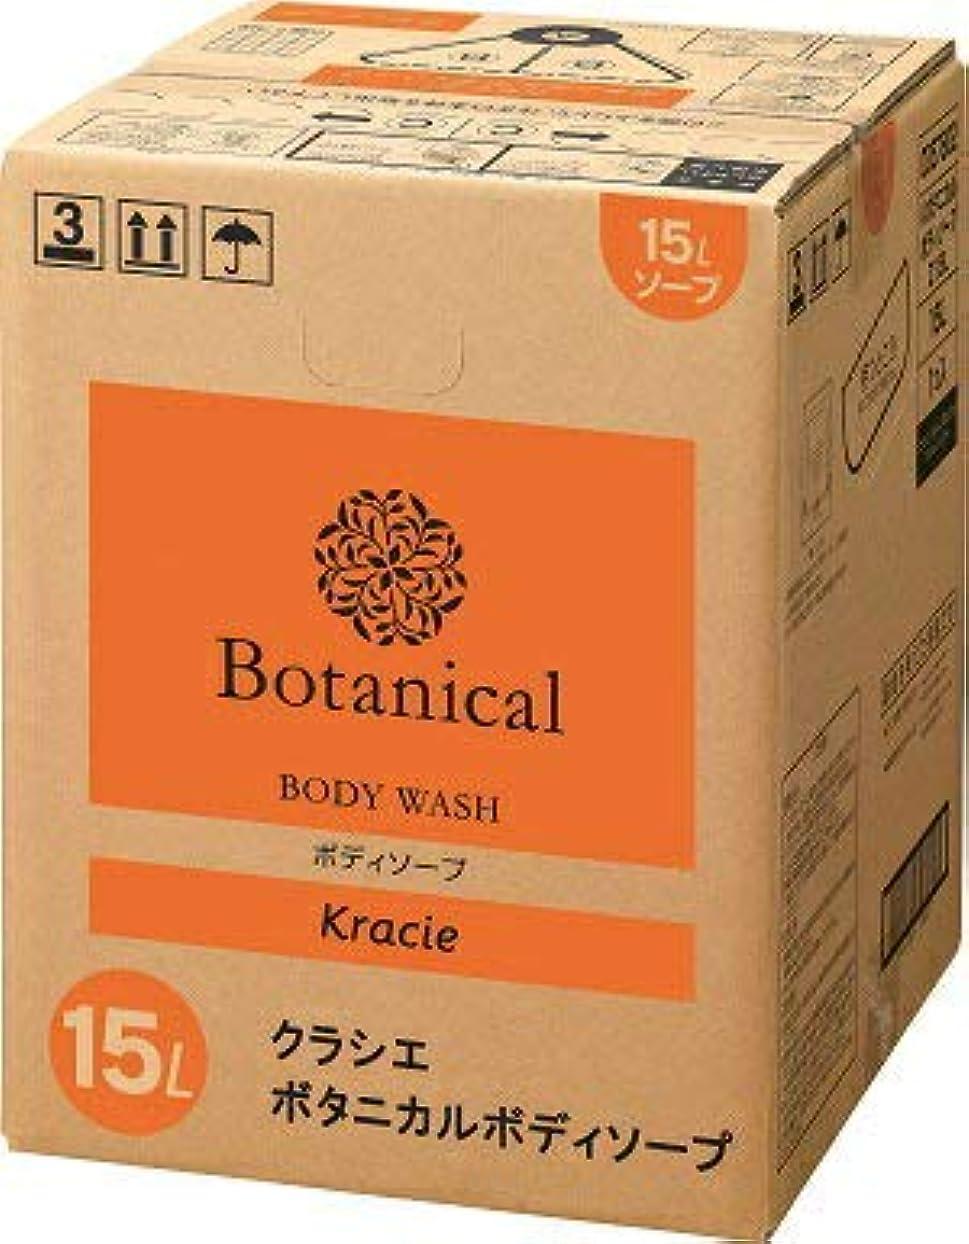 測定経験的野なKracie クラシエ Botanical ボタニカル ボディソープ 15L 詰め替え 業務用